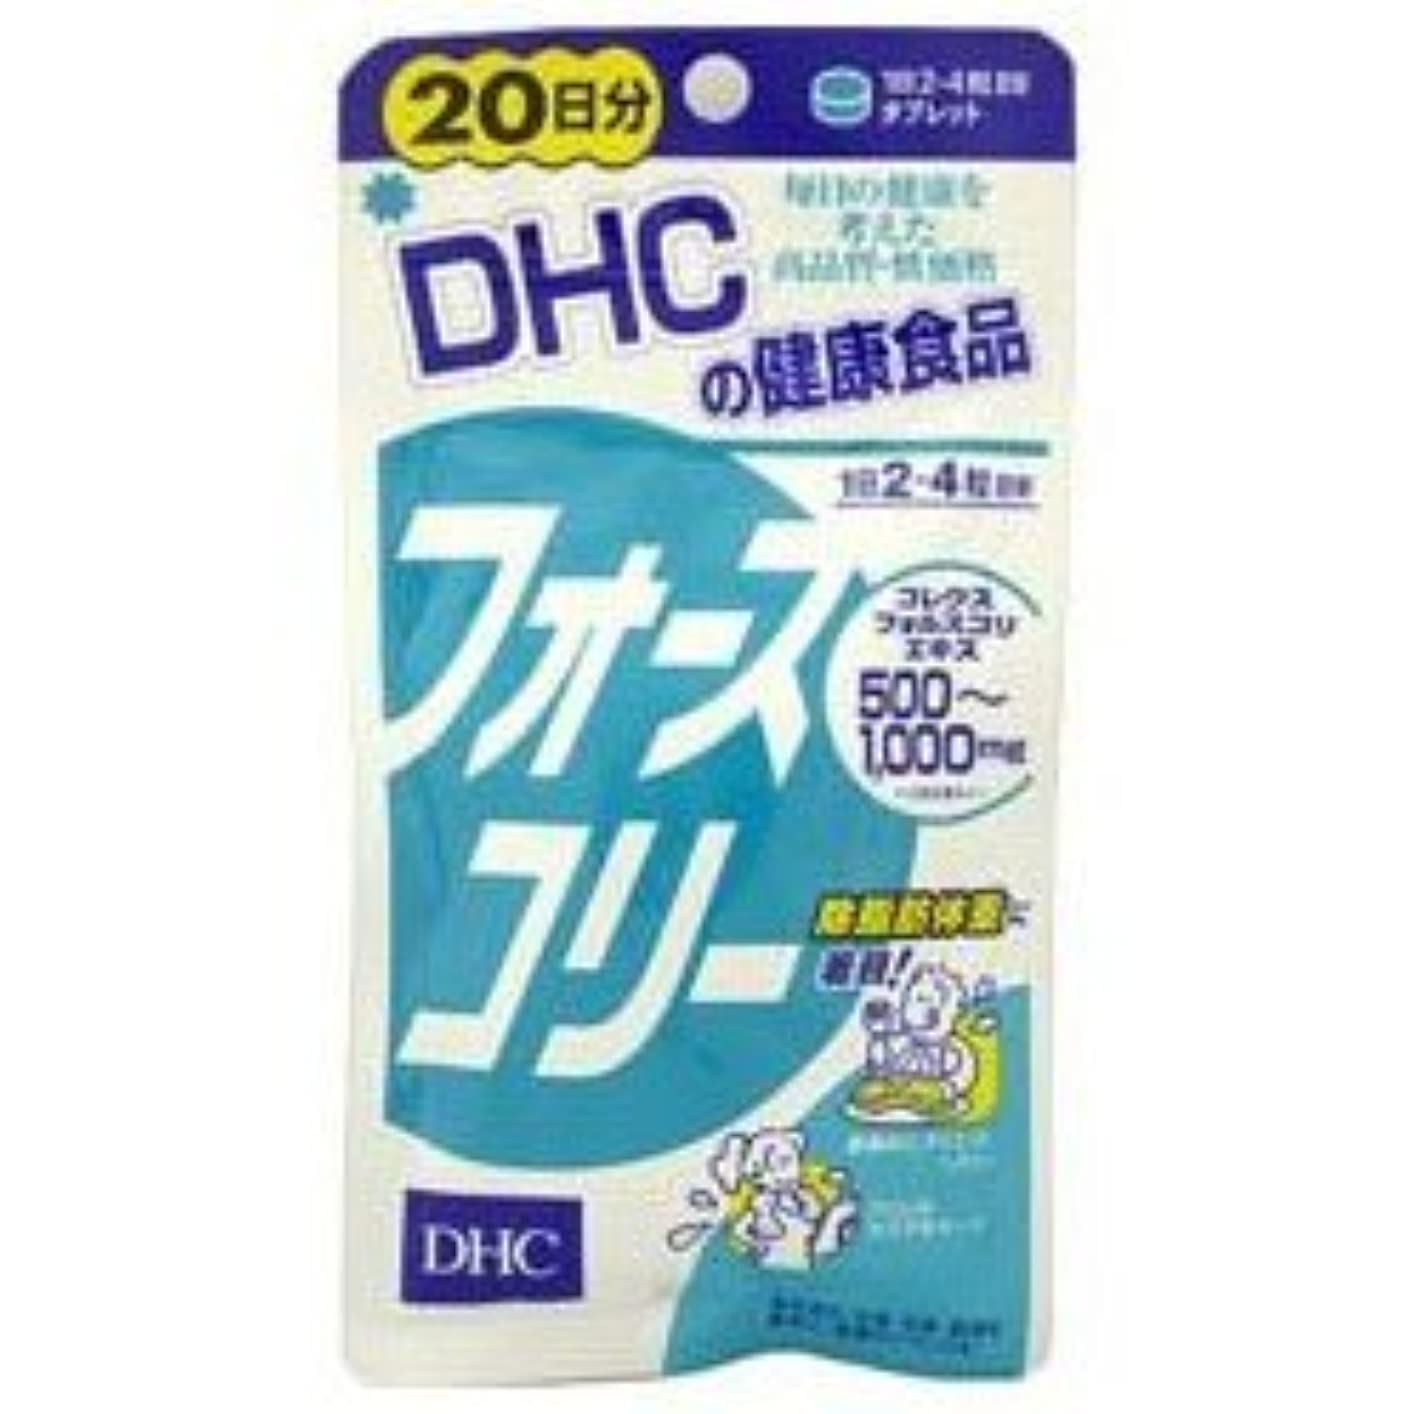 品種カタログ観客【DHC】フォースコリー 20日分 (32.4g) ×20個セット